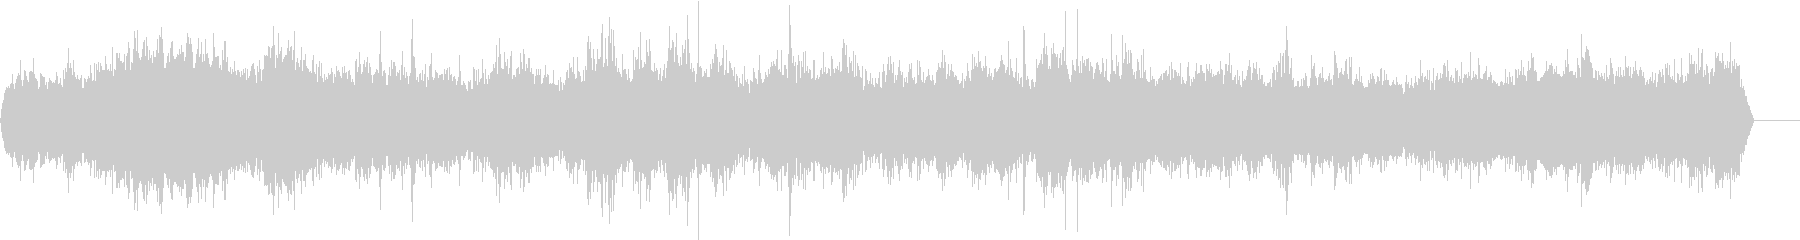 プリンシペストリートヴァイオリニストの未再生の波形